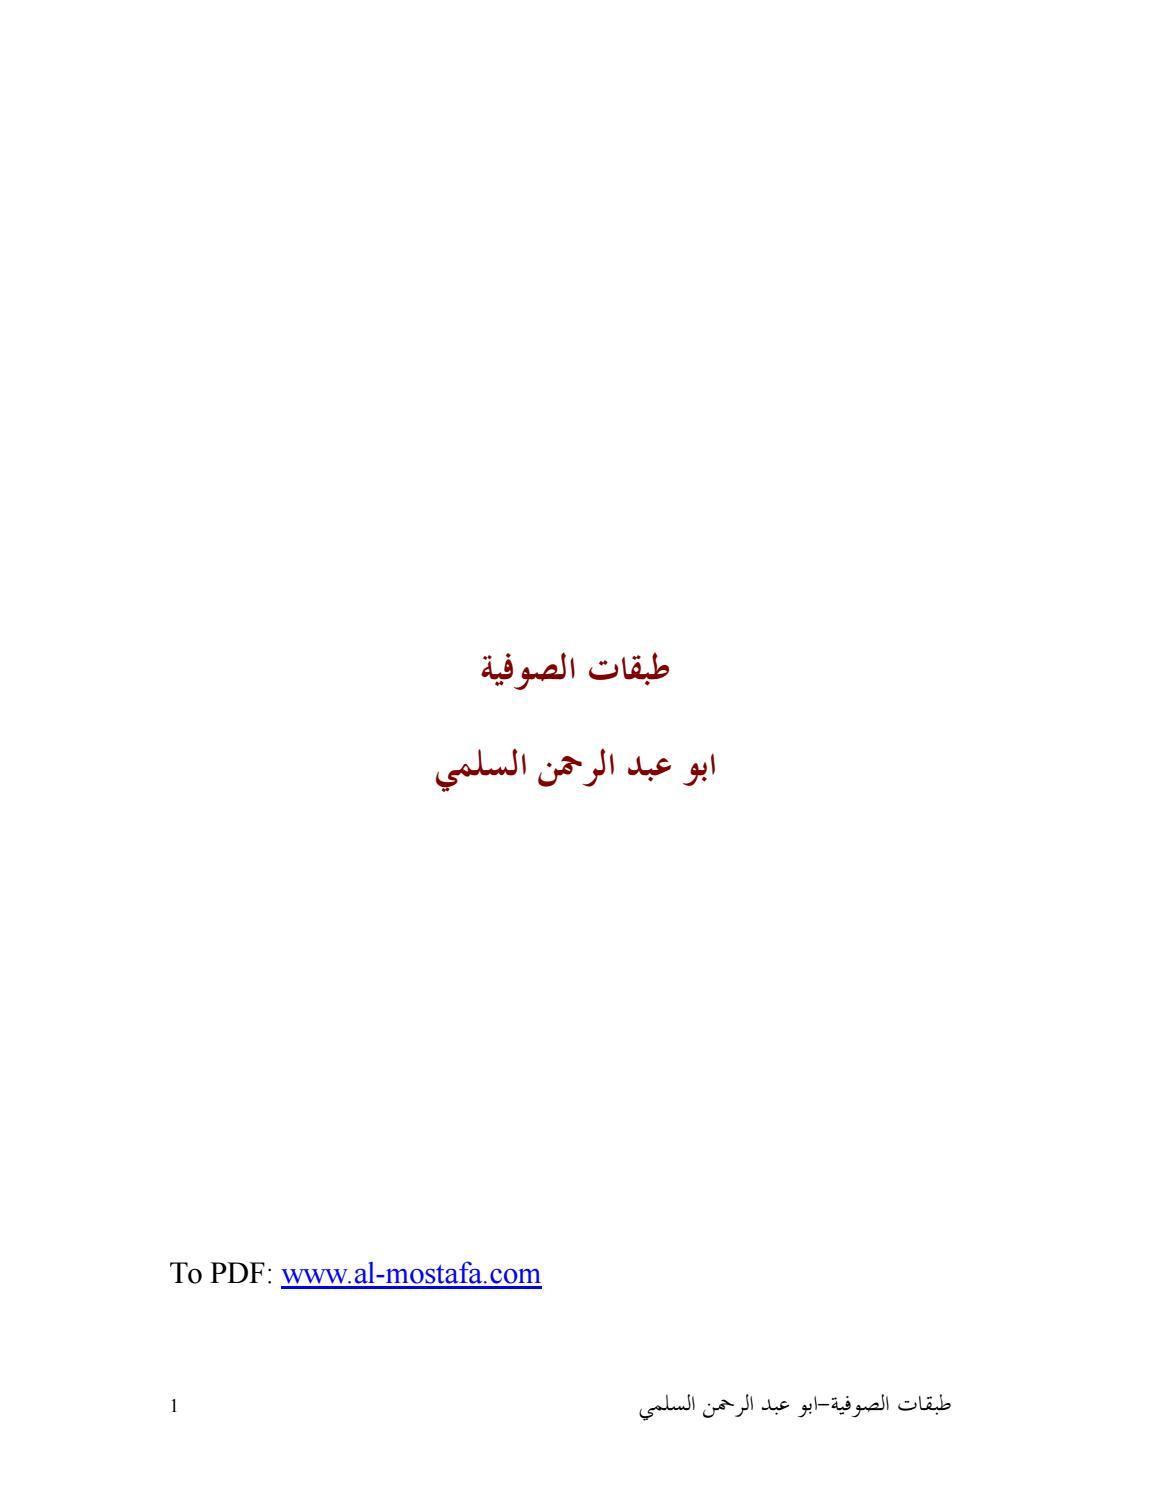 af6694bfb6ef7 صوفى by Fathy Gohar - issuu